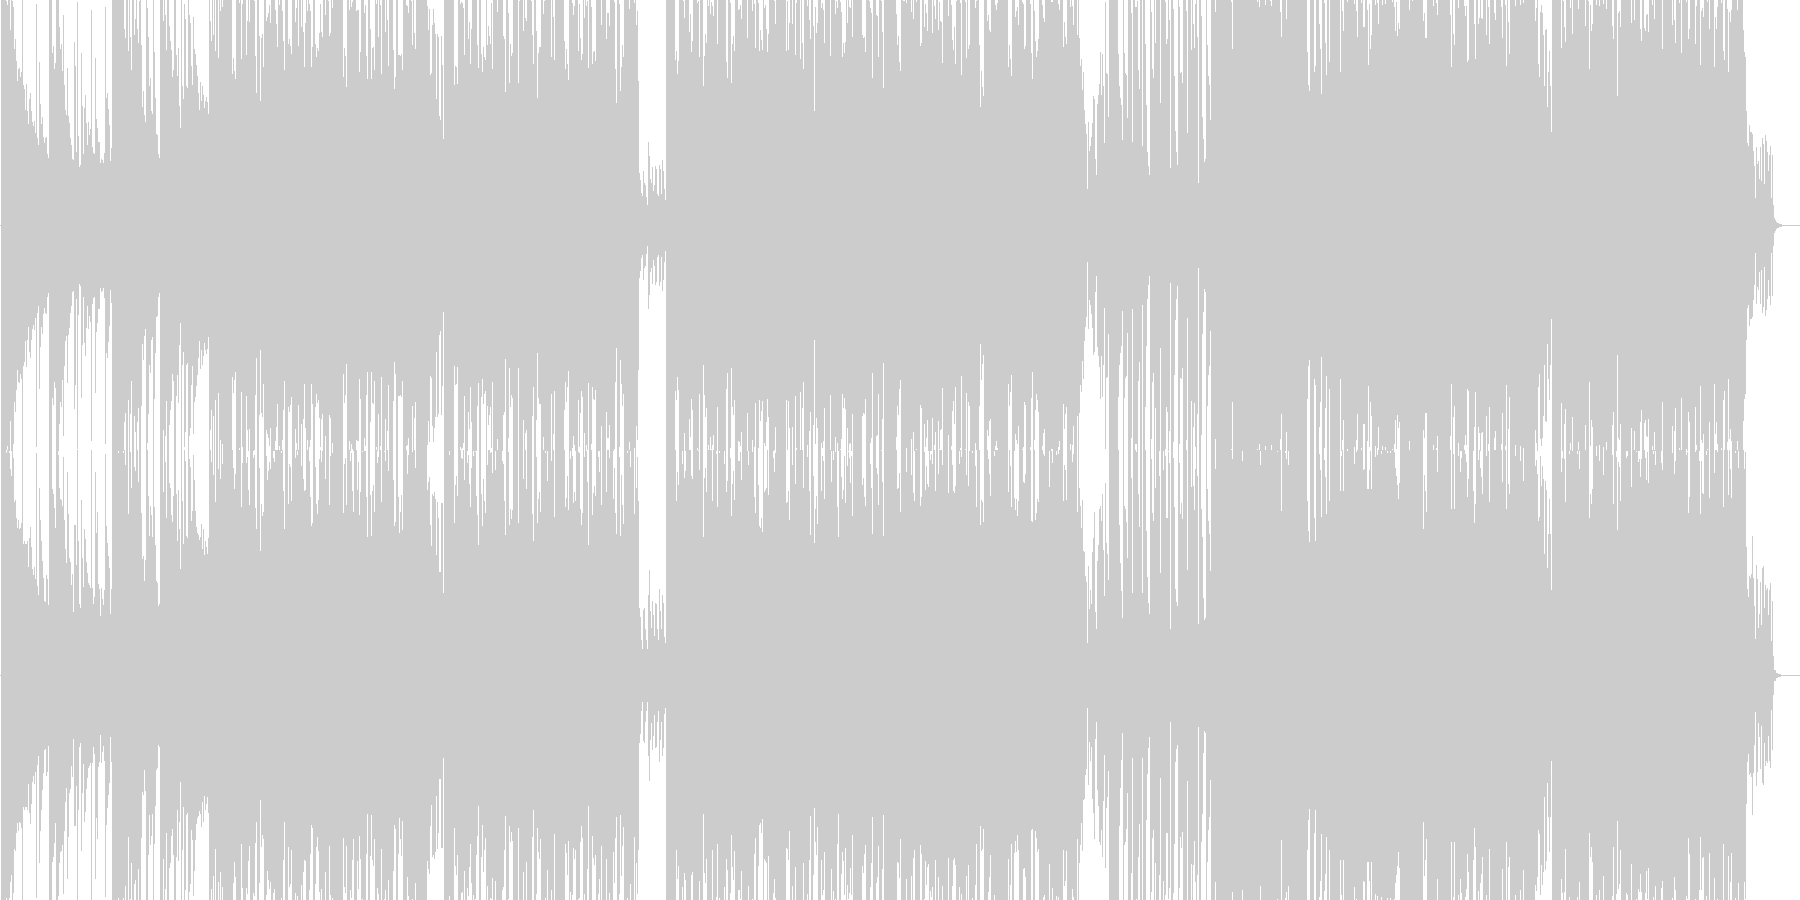 激しく勢いのあるカッコいいダンサブルな曲の未再生の波形